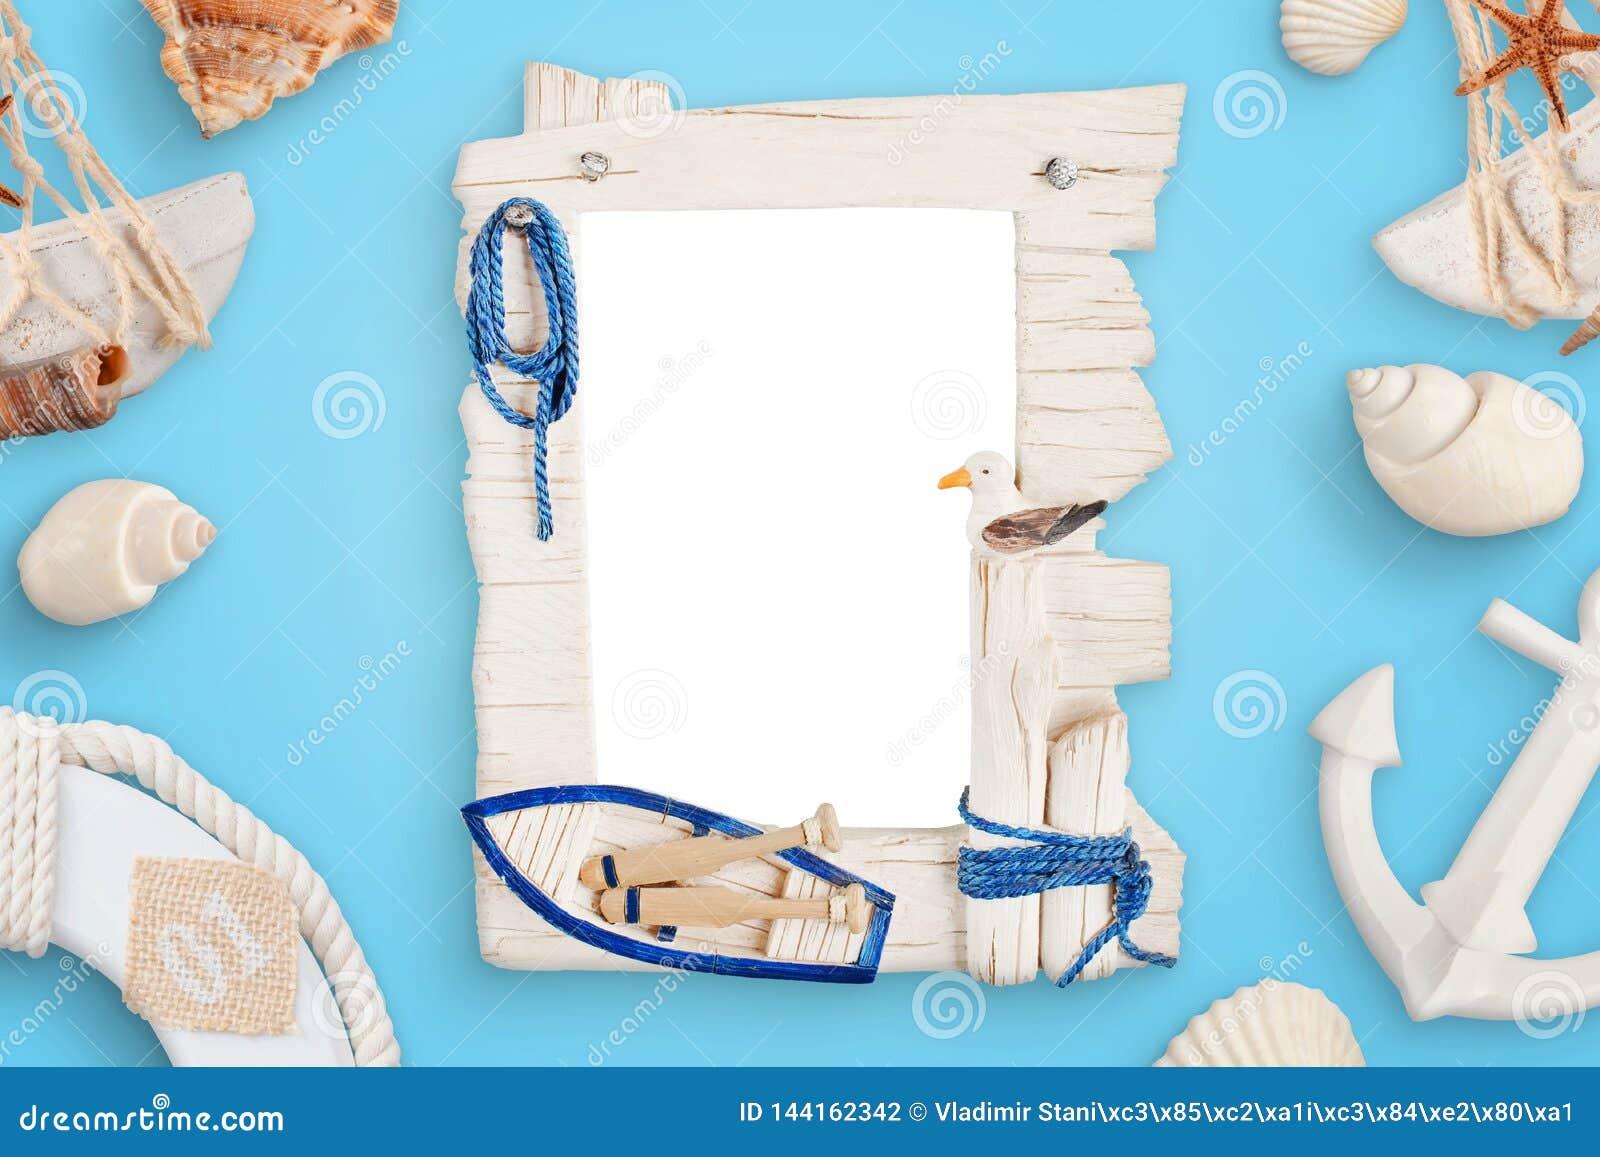 Lato dennej podróży fotografii rama na błękitnym biurku otaczającym z skorupami, łodzi kotwica, lifebelt